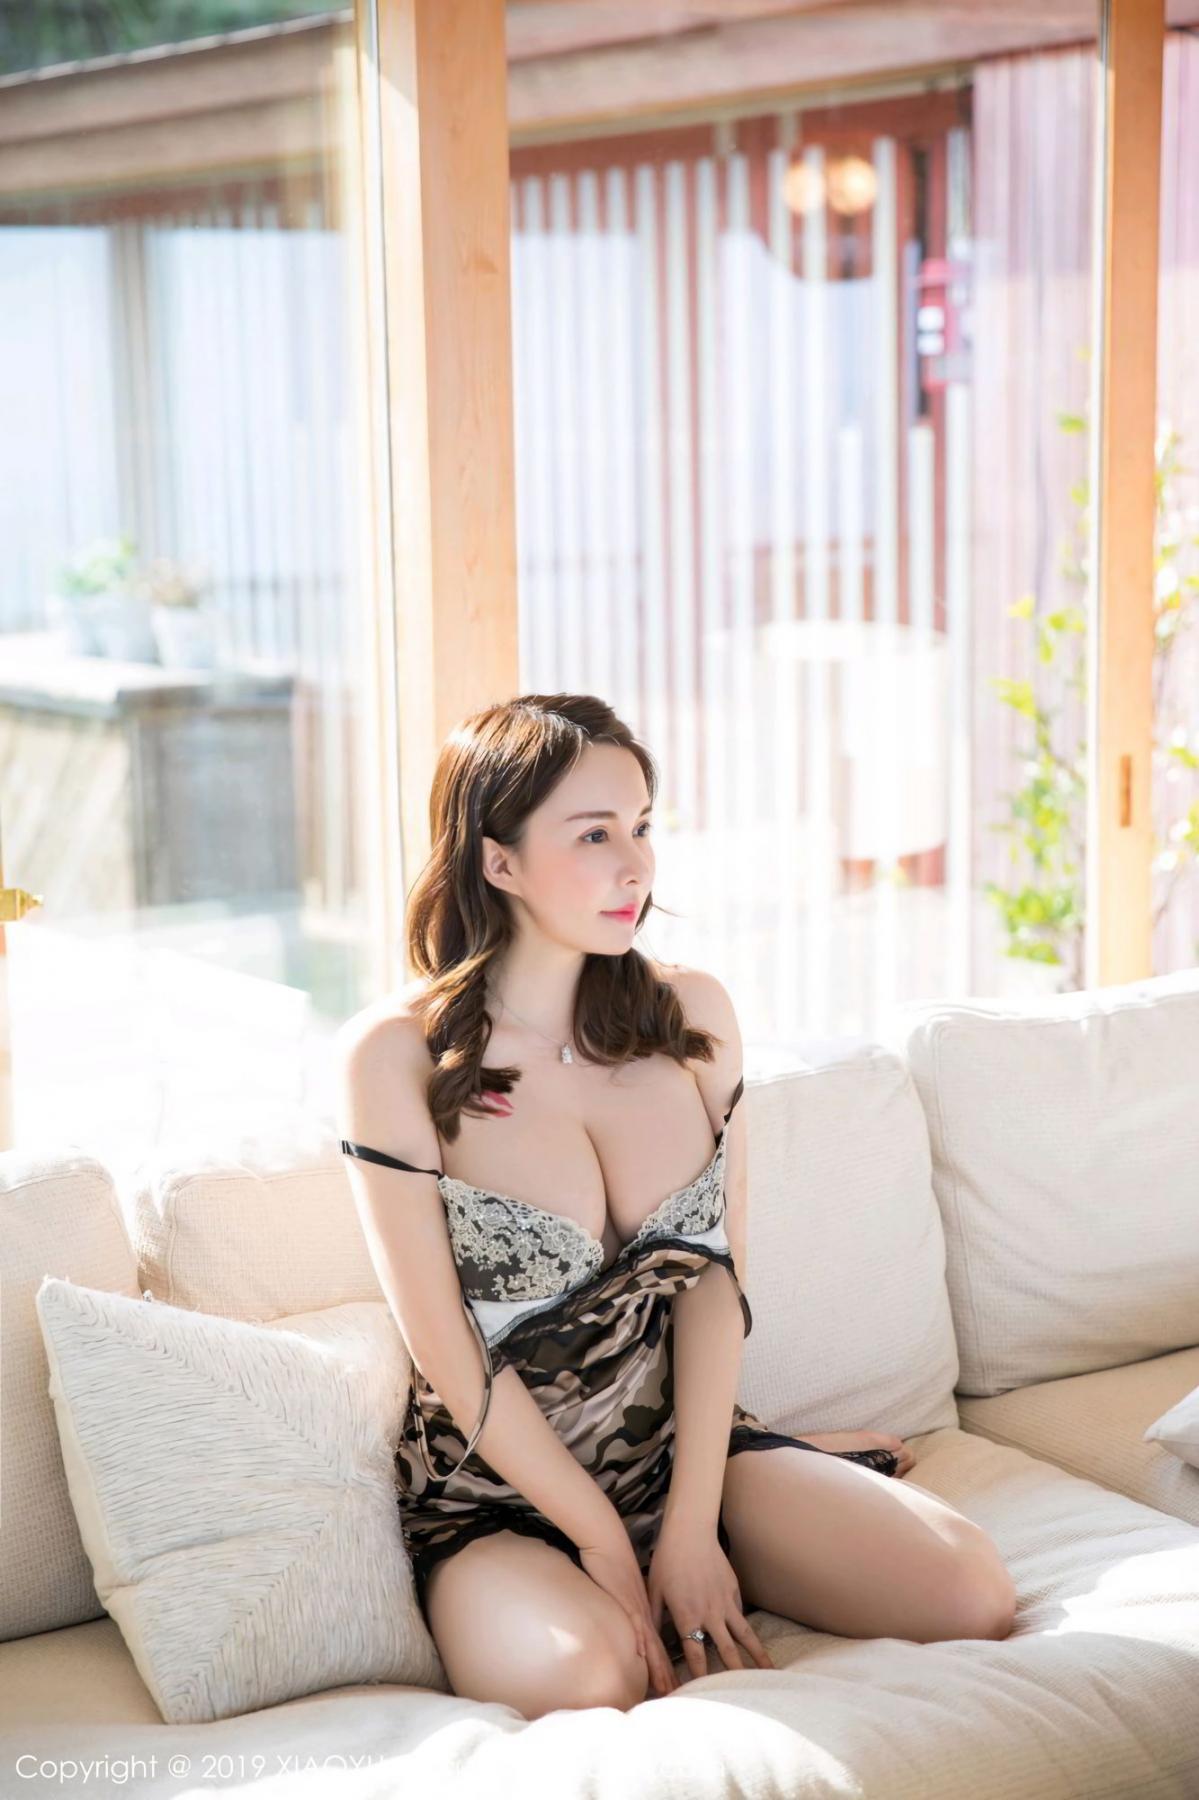 [XiaoYu] Vol.137 Shen Mi Tao 45P, Kimono, Shen Mi Tao, Underwear, XiaoYu